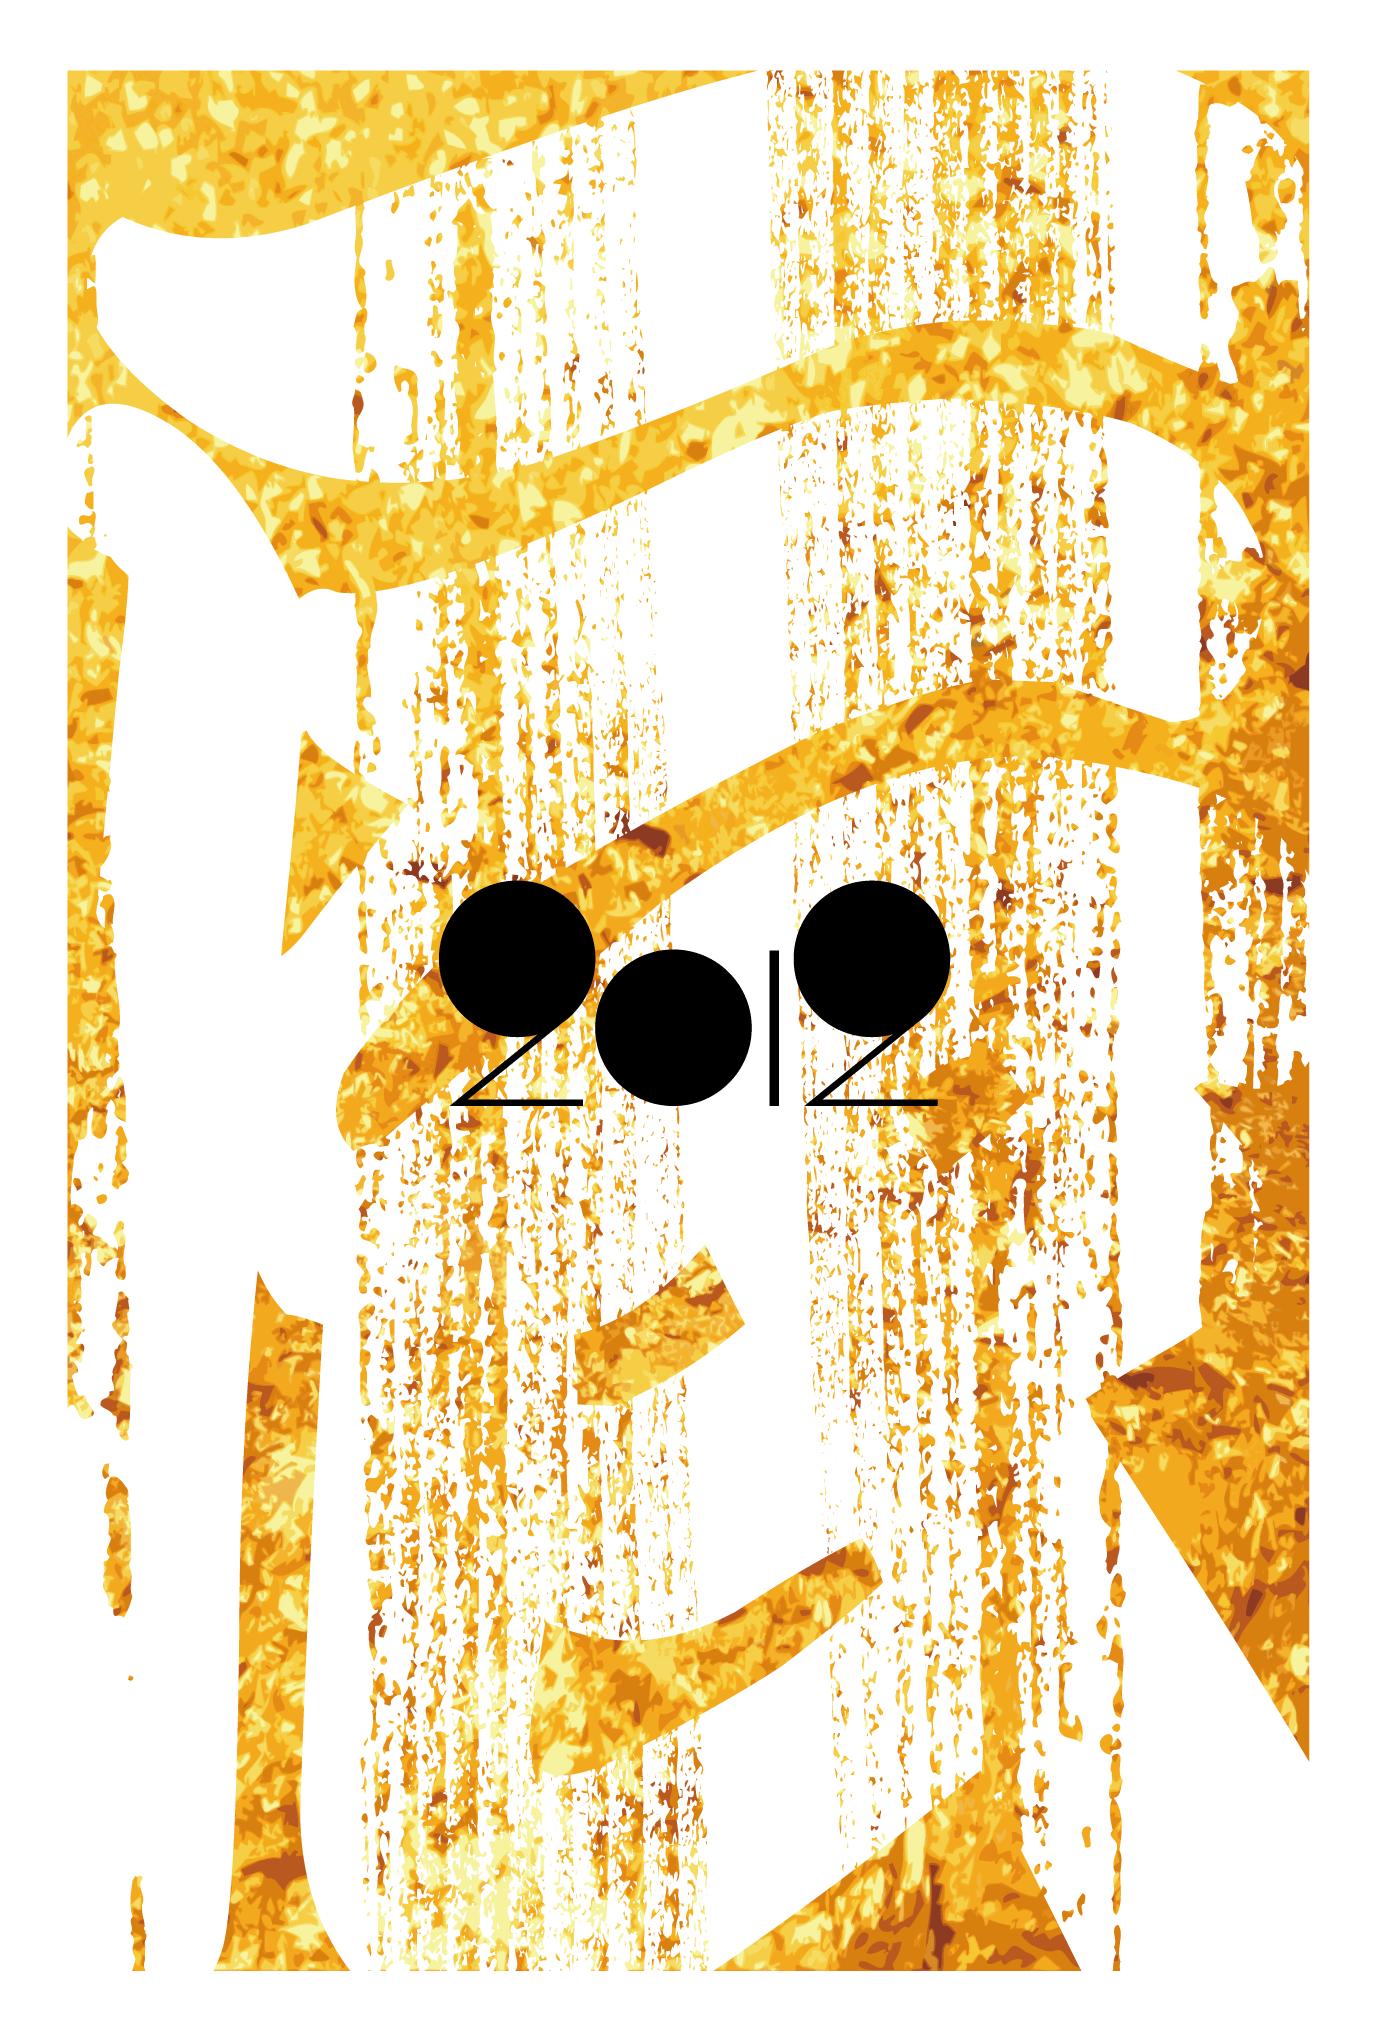 2012年賀状06:江戸勘亭流(辰)金箔のダウンロード画像